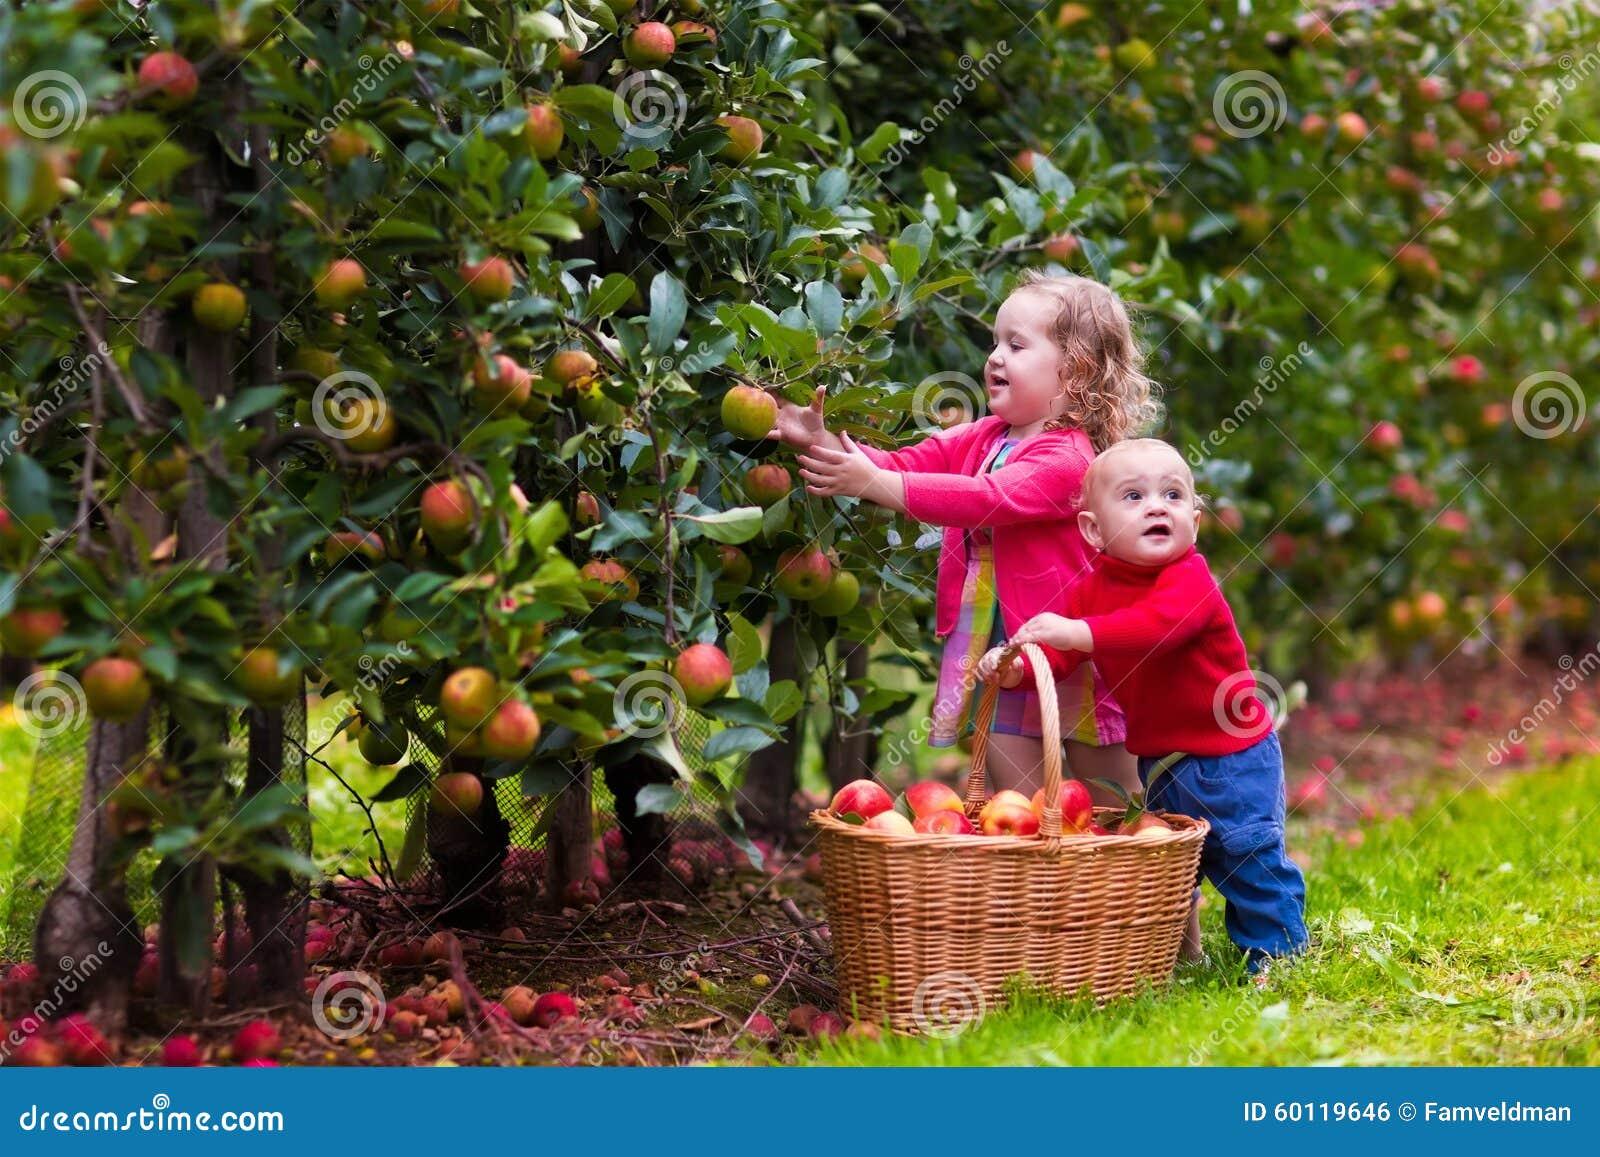 Kinder, die Äpfel vom Baum auswählen